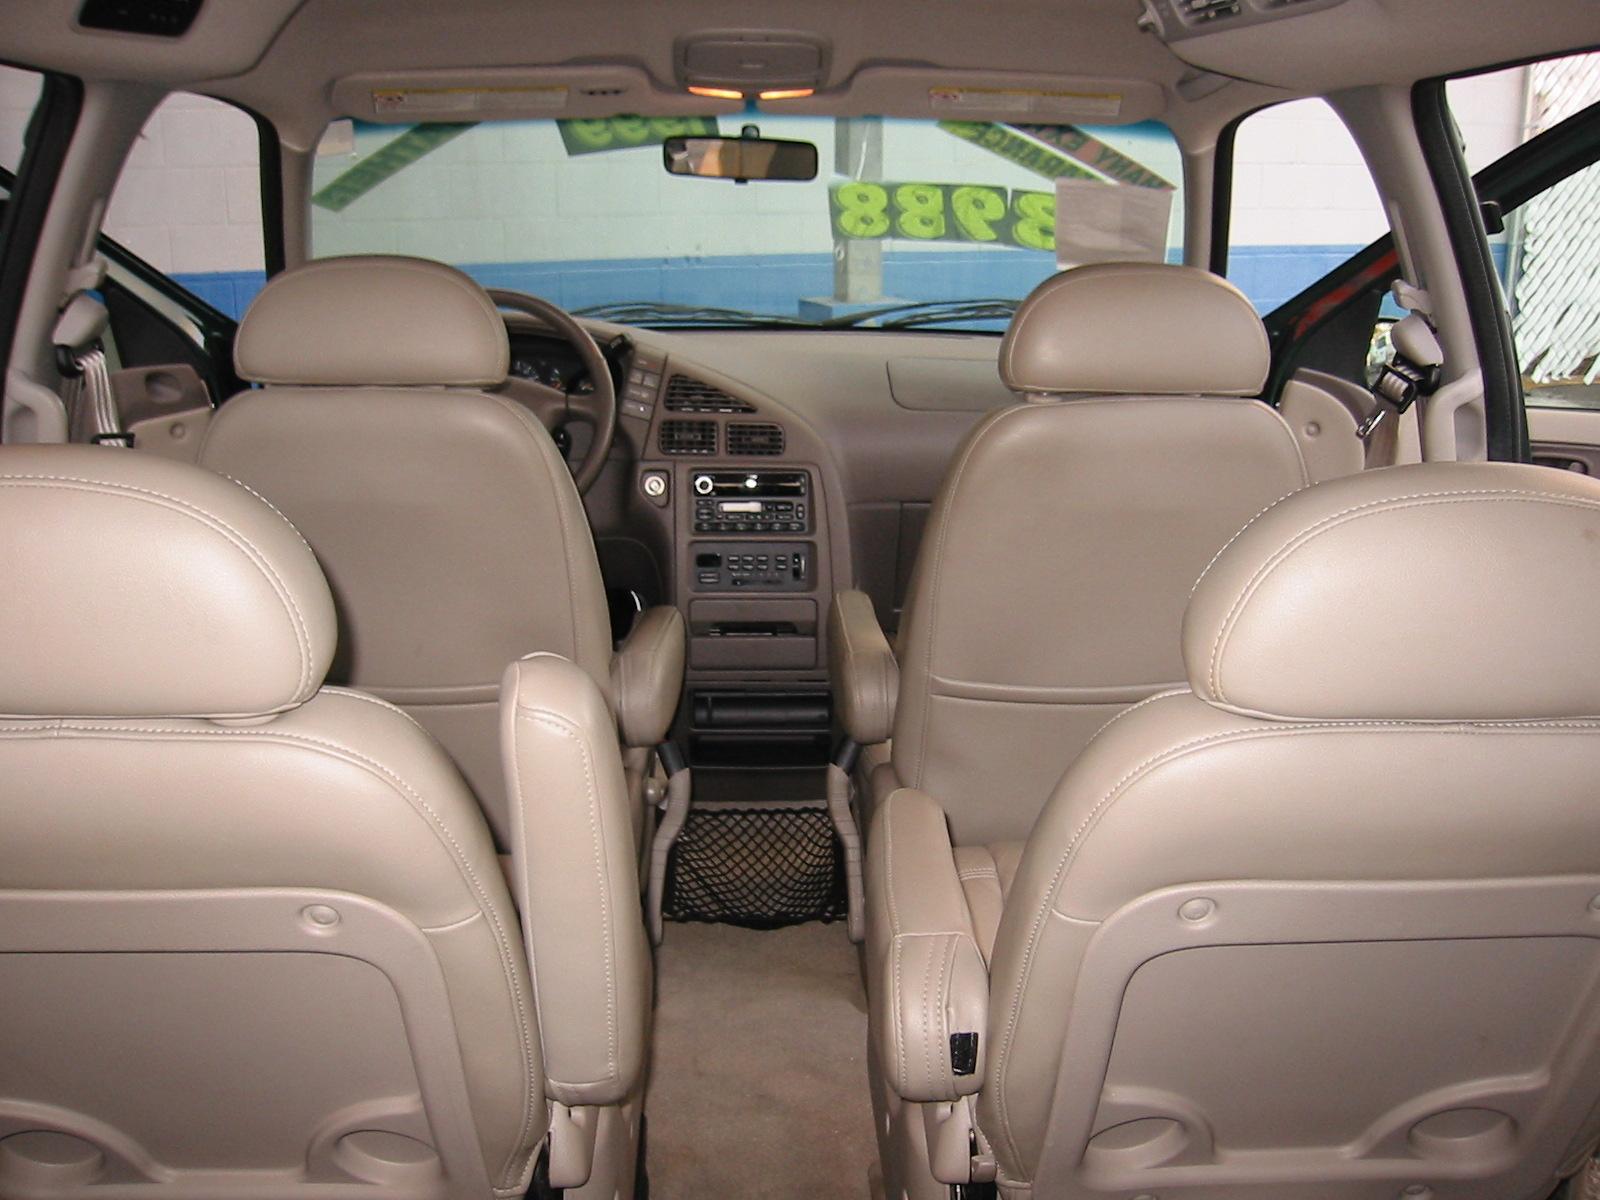 1999 Nissan Quest Interior Pictures Cargurus